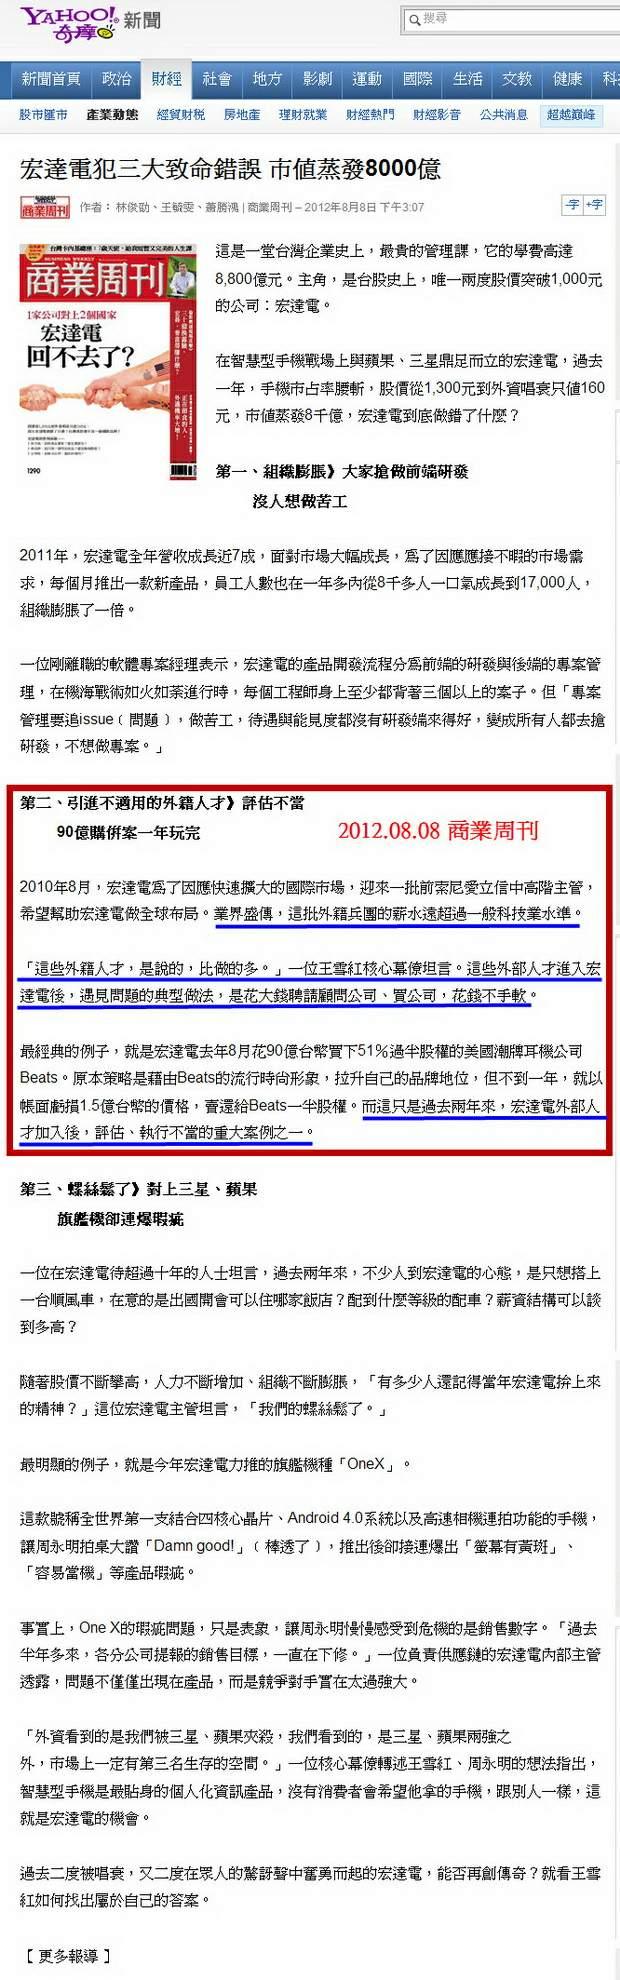 宏達電犯三大致命錯誤 市值蒸發8000億-2012.08.08-02